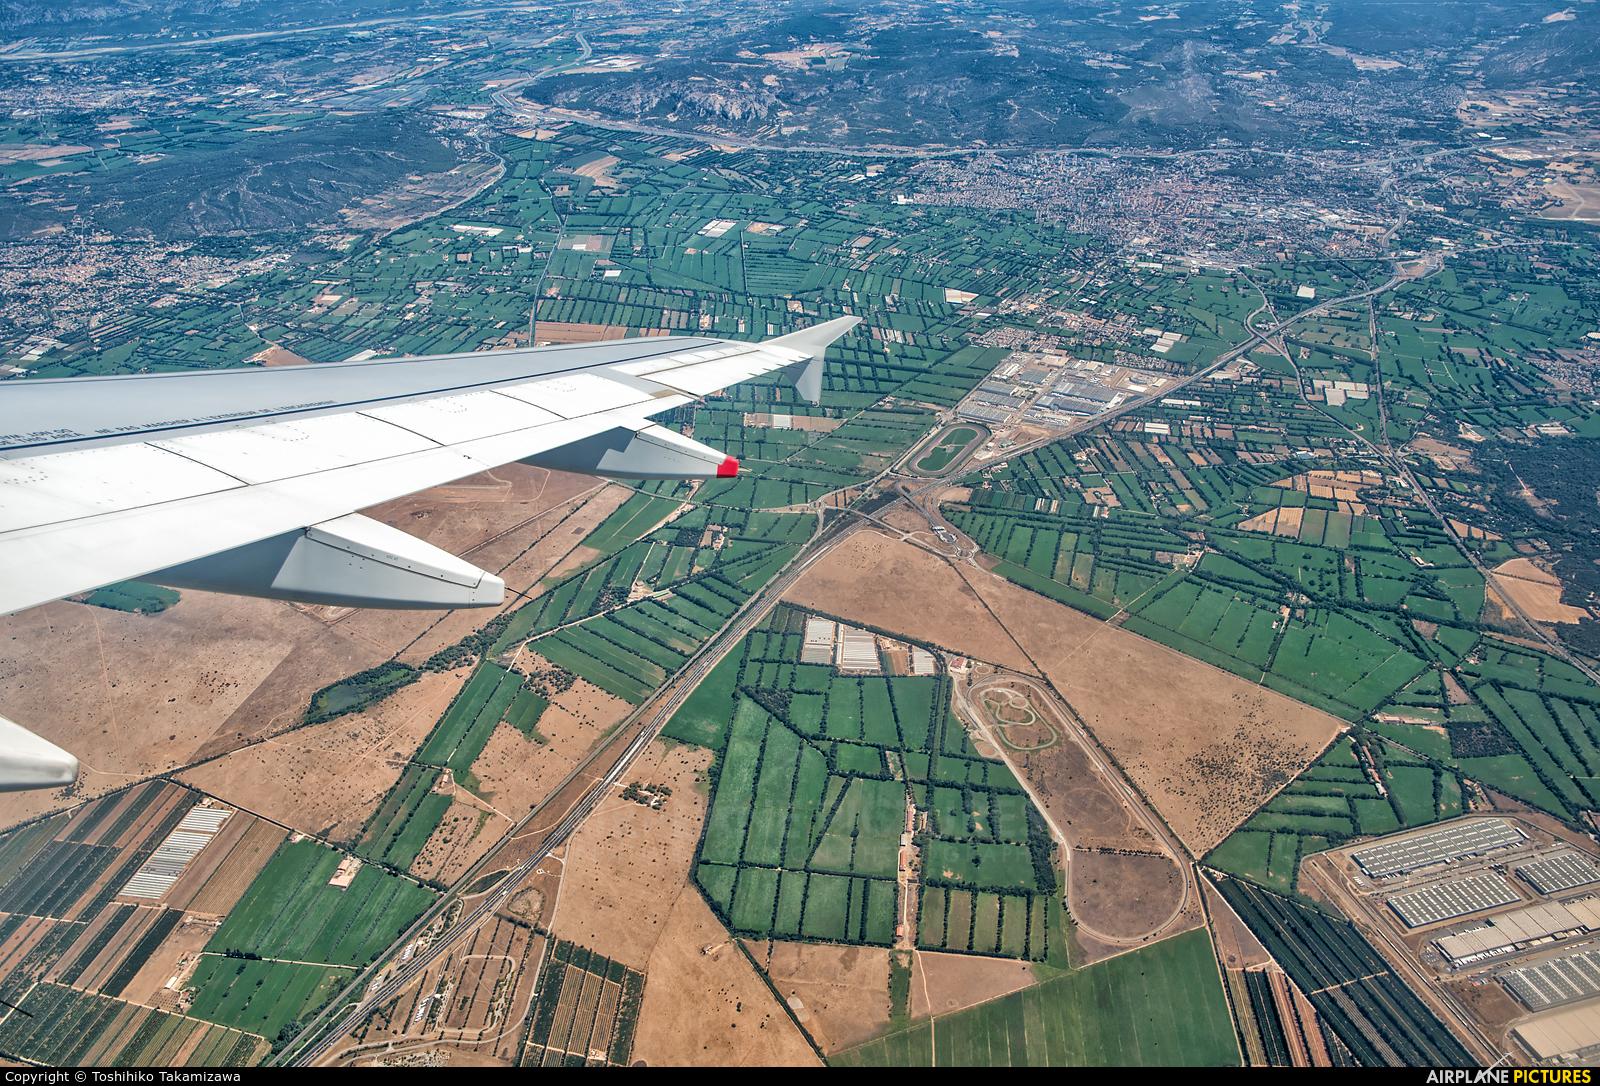 Air France F-HBNC aircraft at In Flight - France